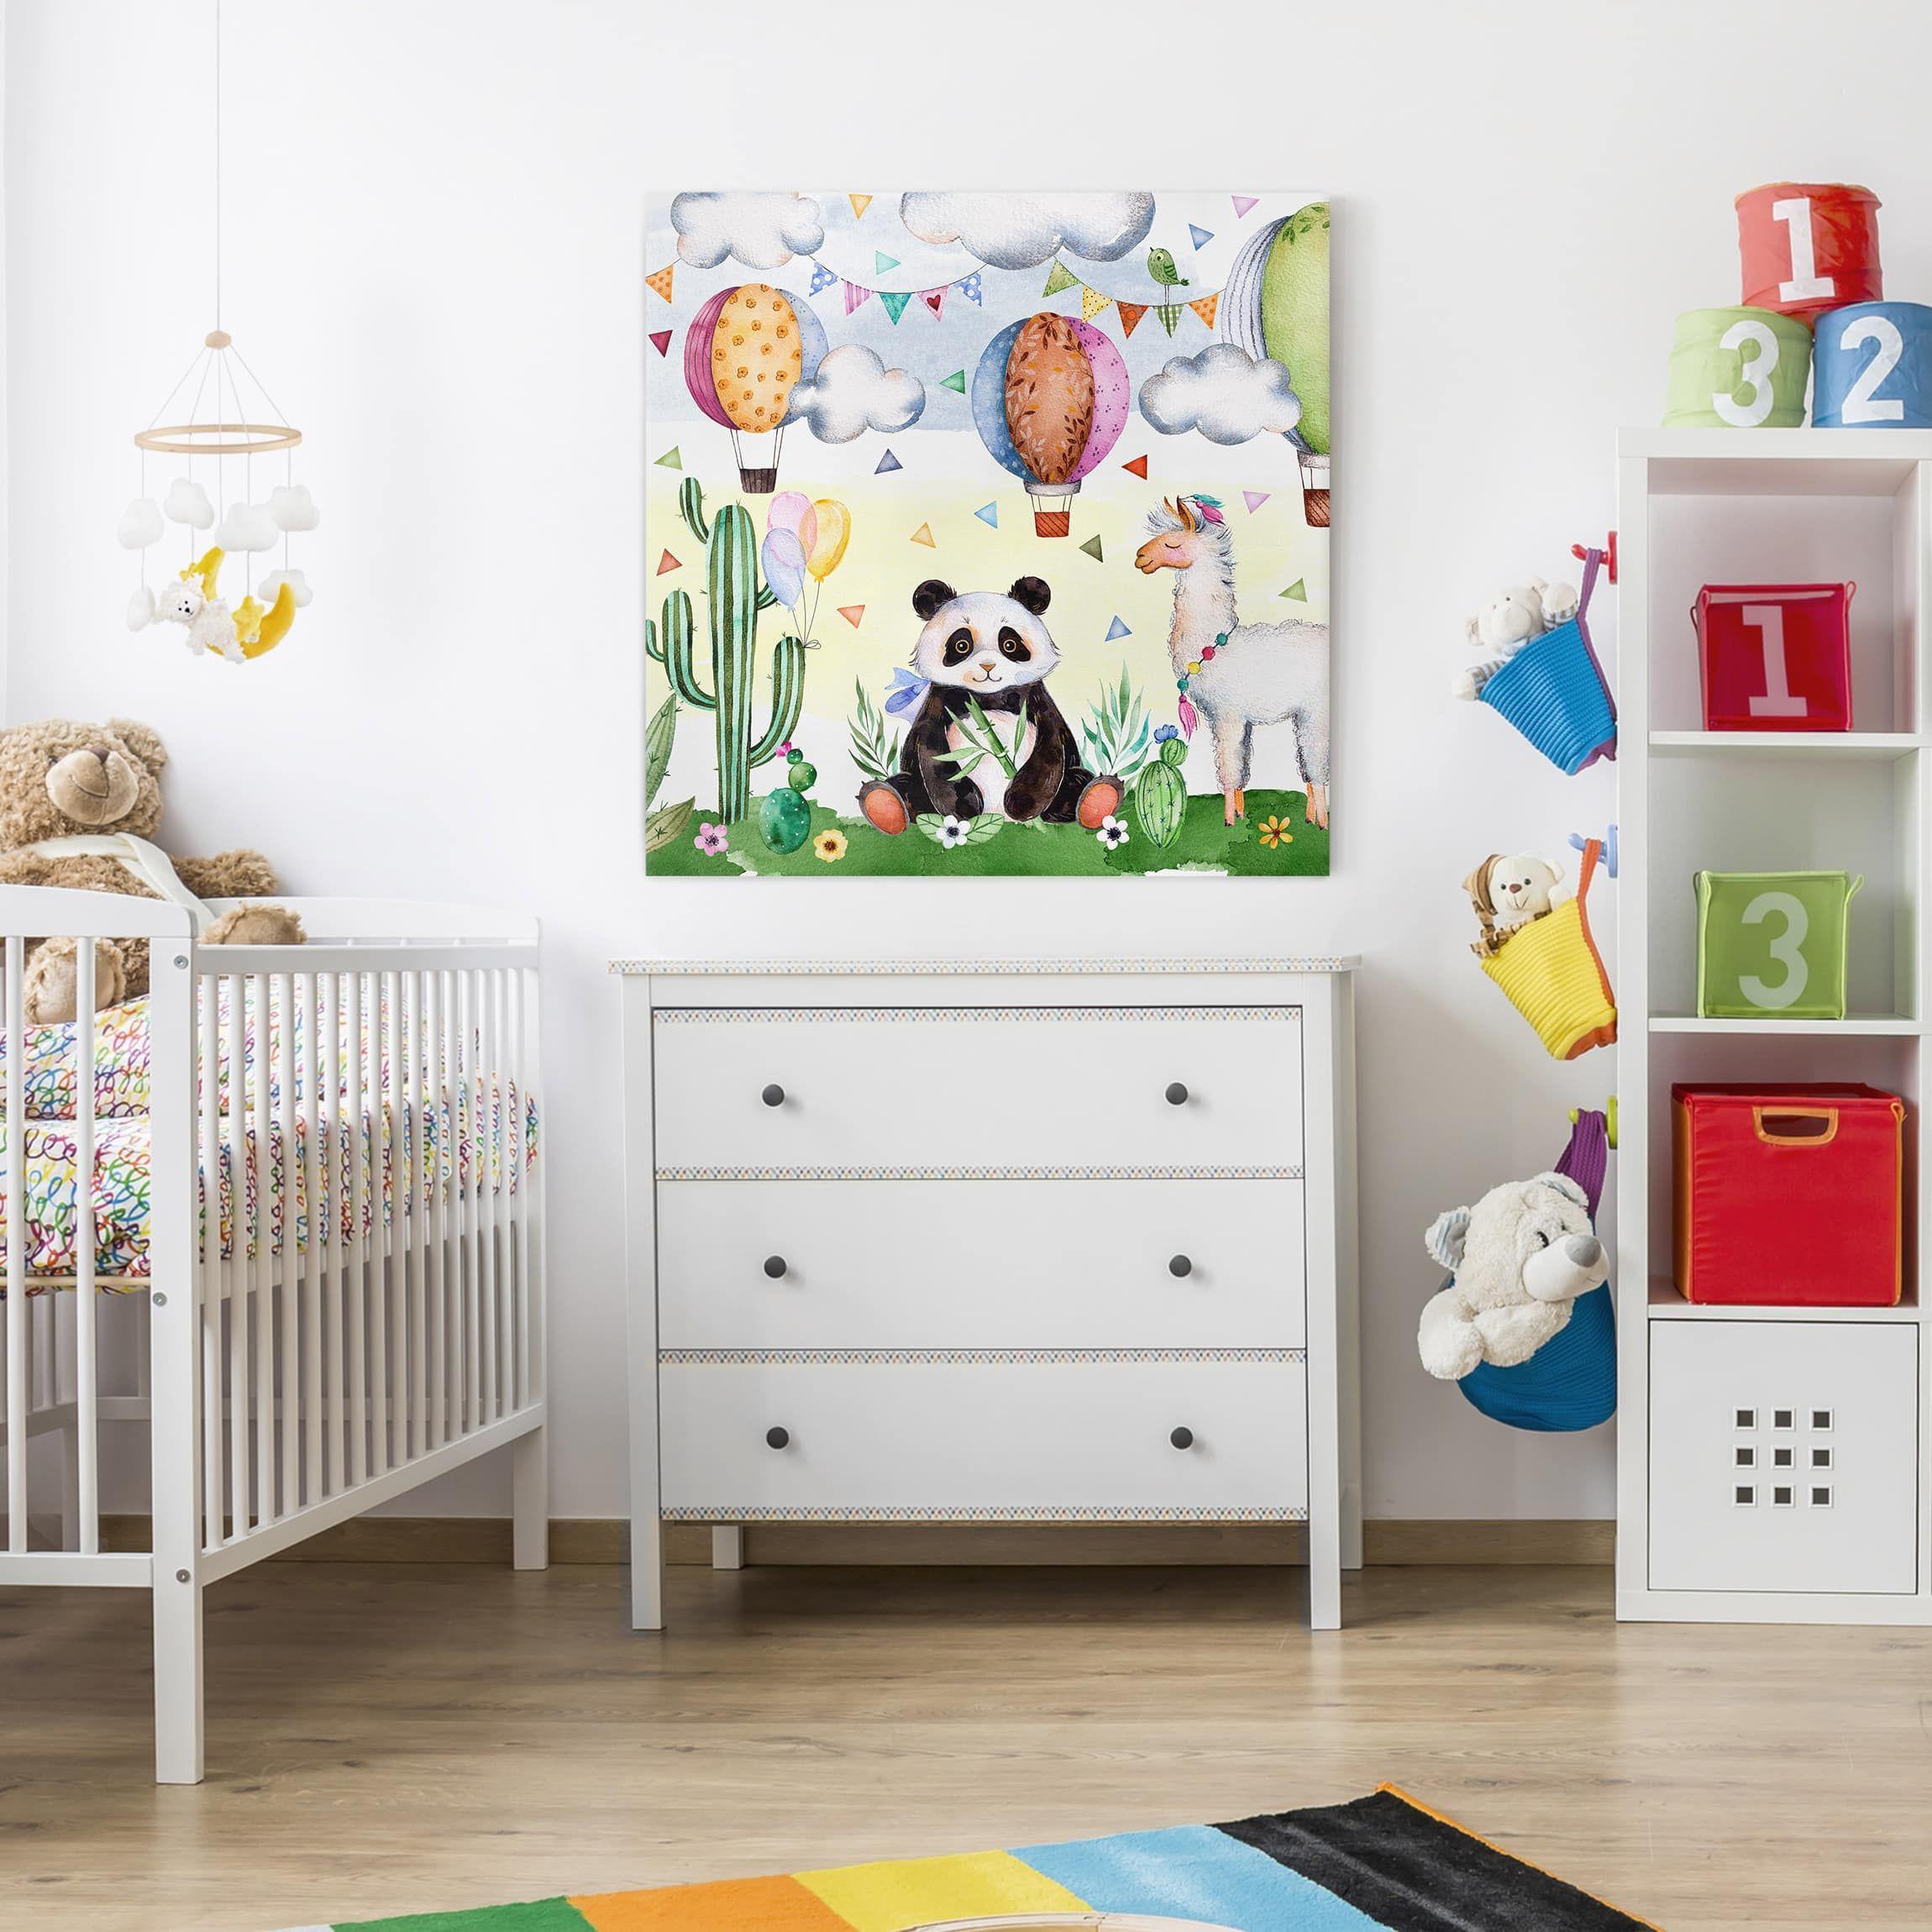 Il Parco Delle Camerette stampa su tela - panda and watercolor lama - quadrato 1:1